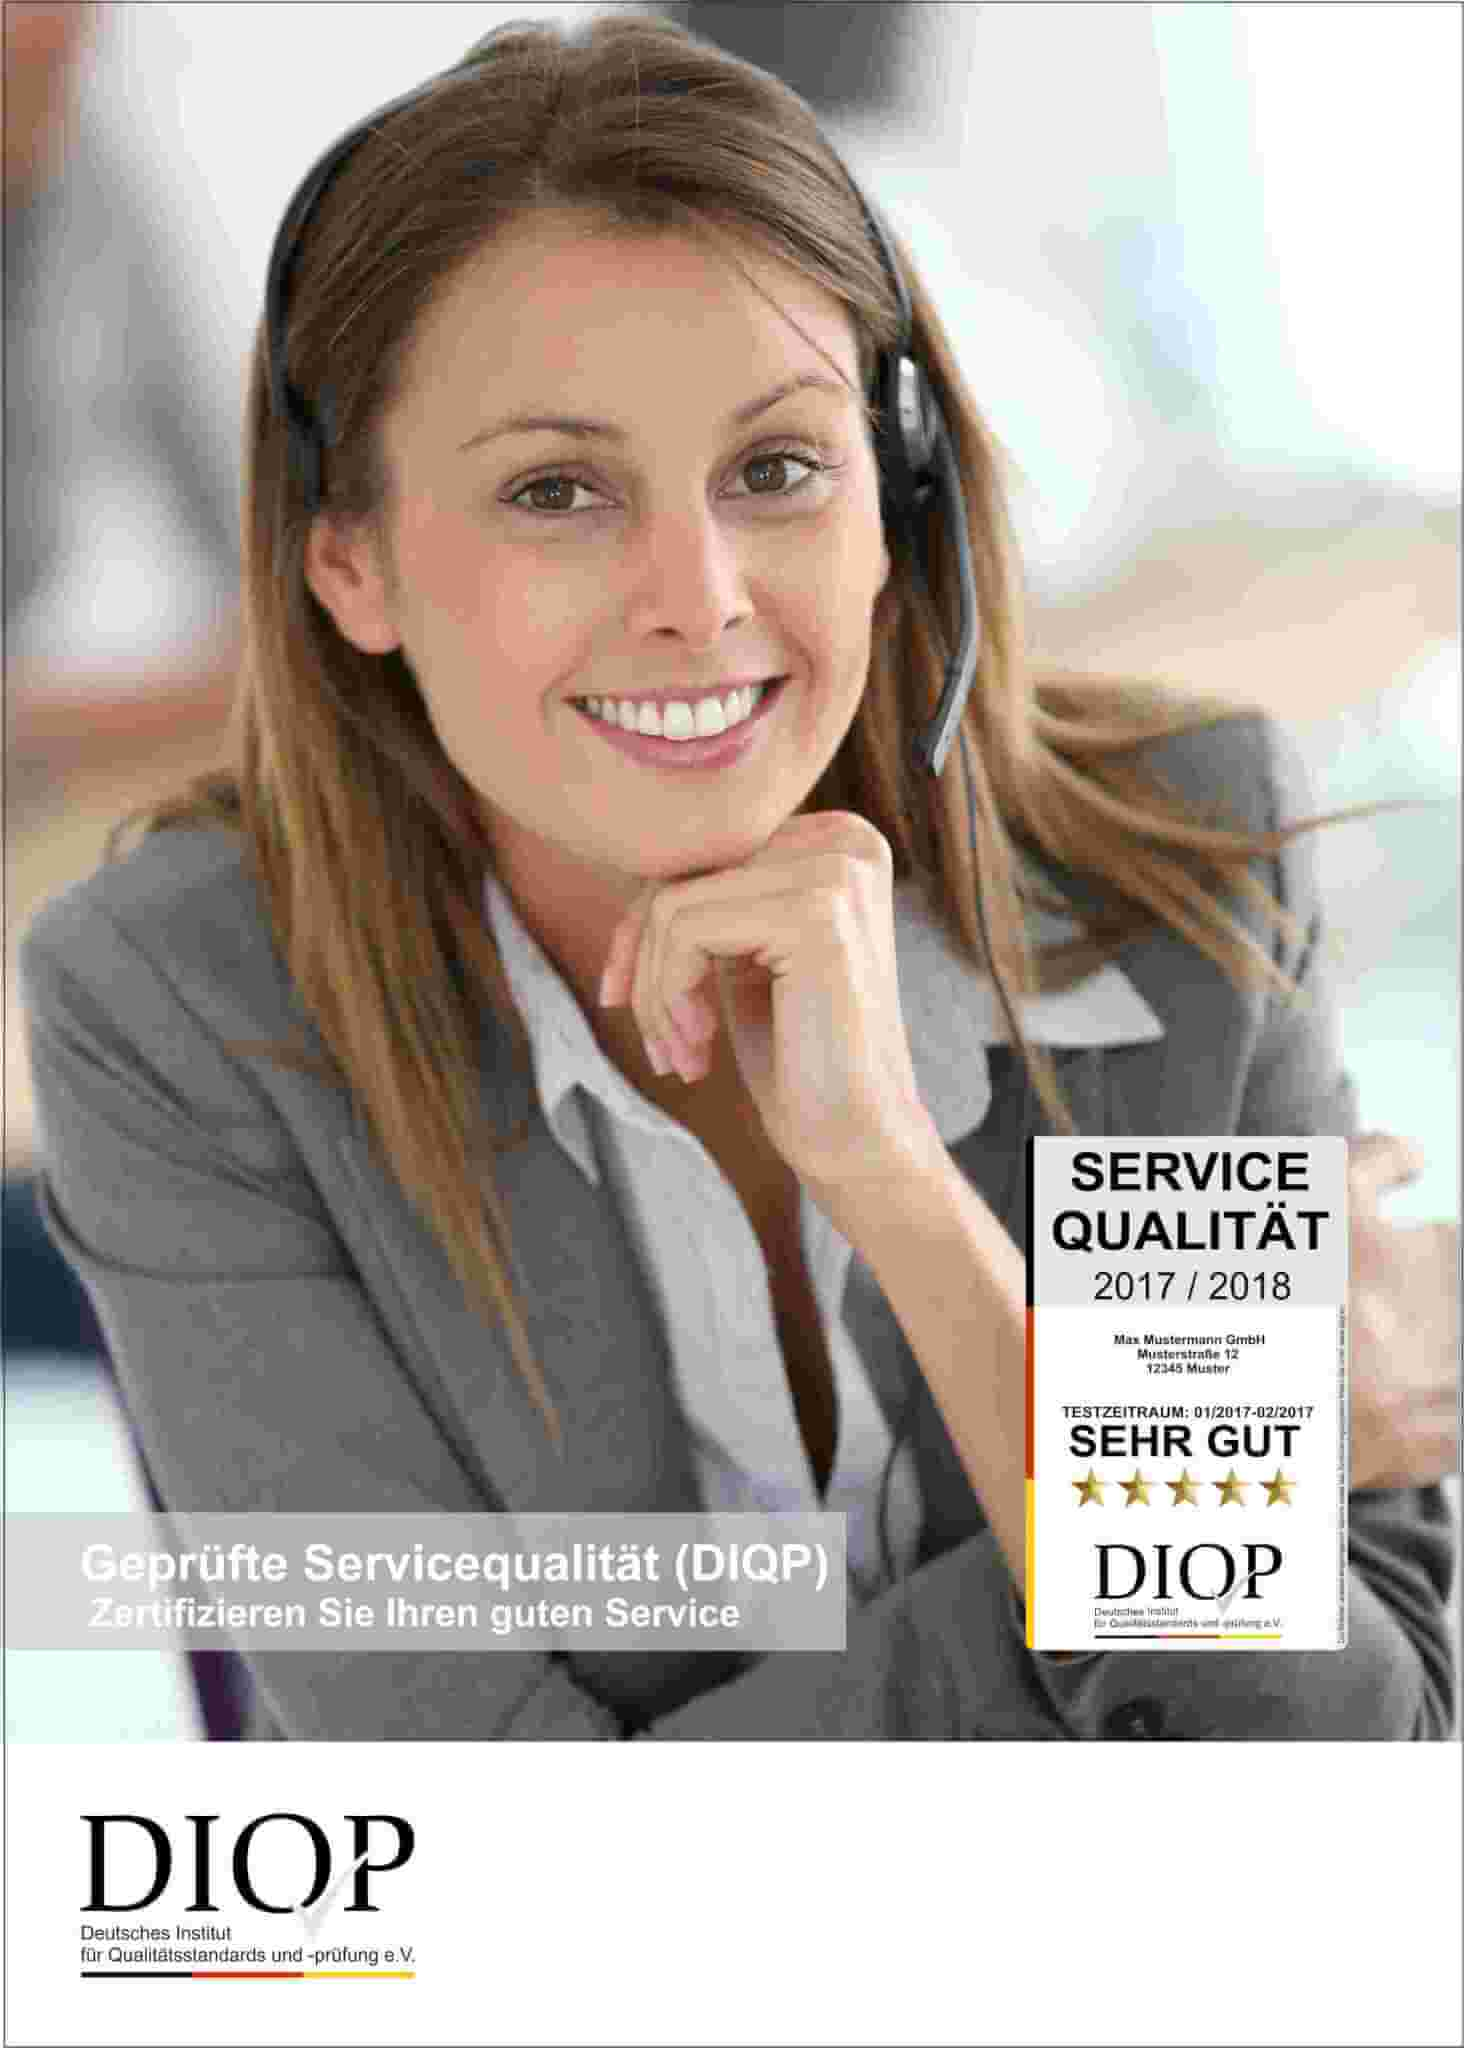 Geprüfte Servicequalität (DIQP)